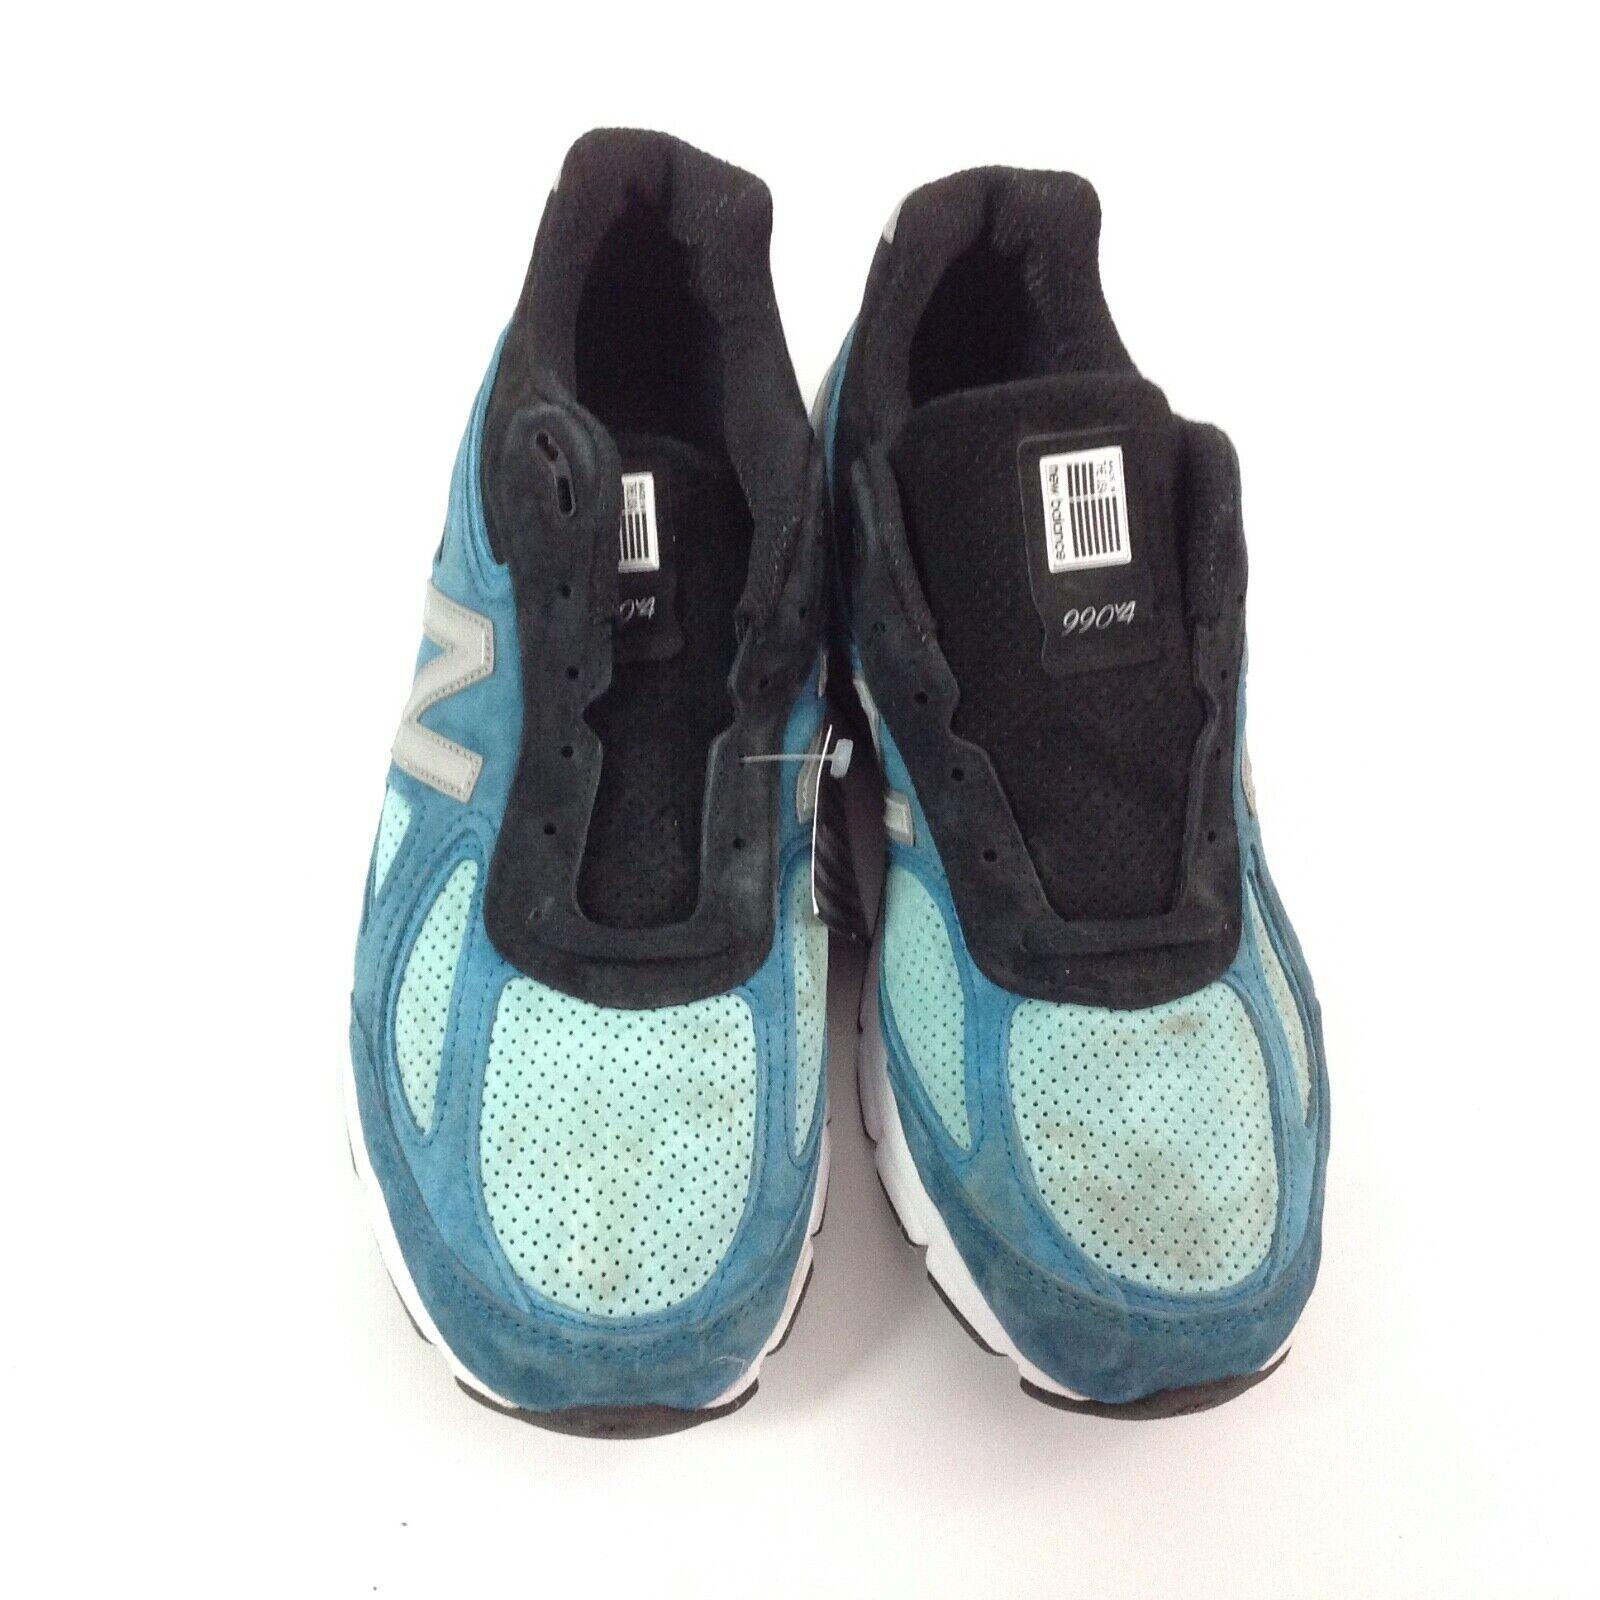 New Balance 990v4 990v4 990v4 Athletic scarpe Made In USA M990DM4 Moroccan blu Uomo Dimensione 13 84d8aa